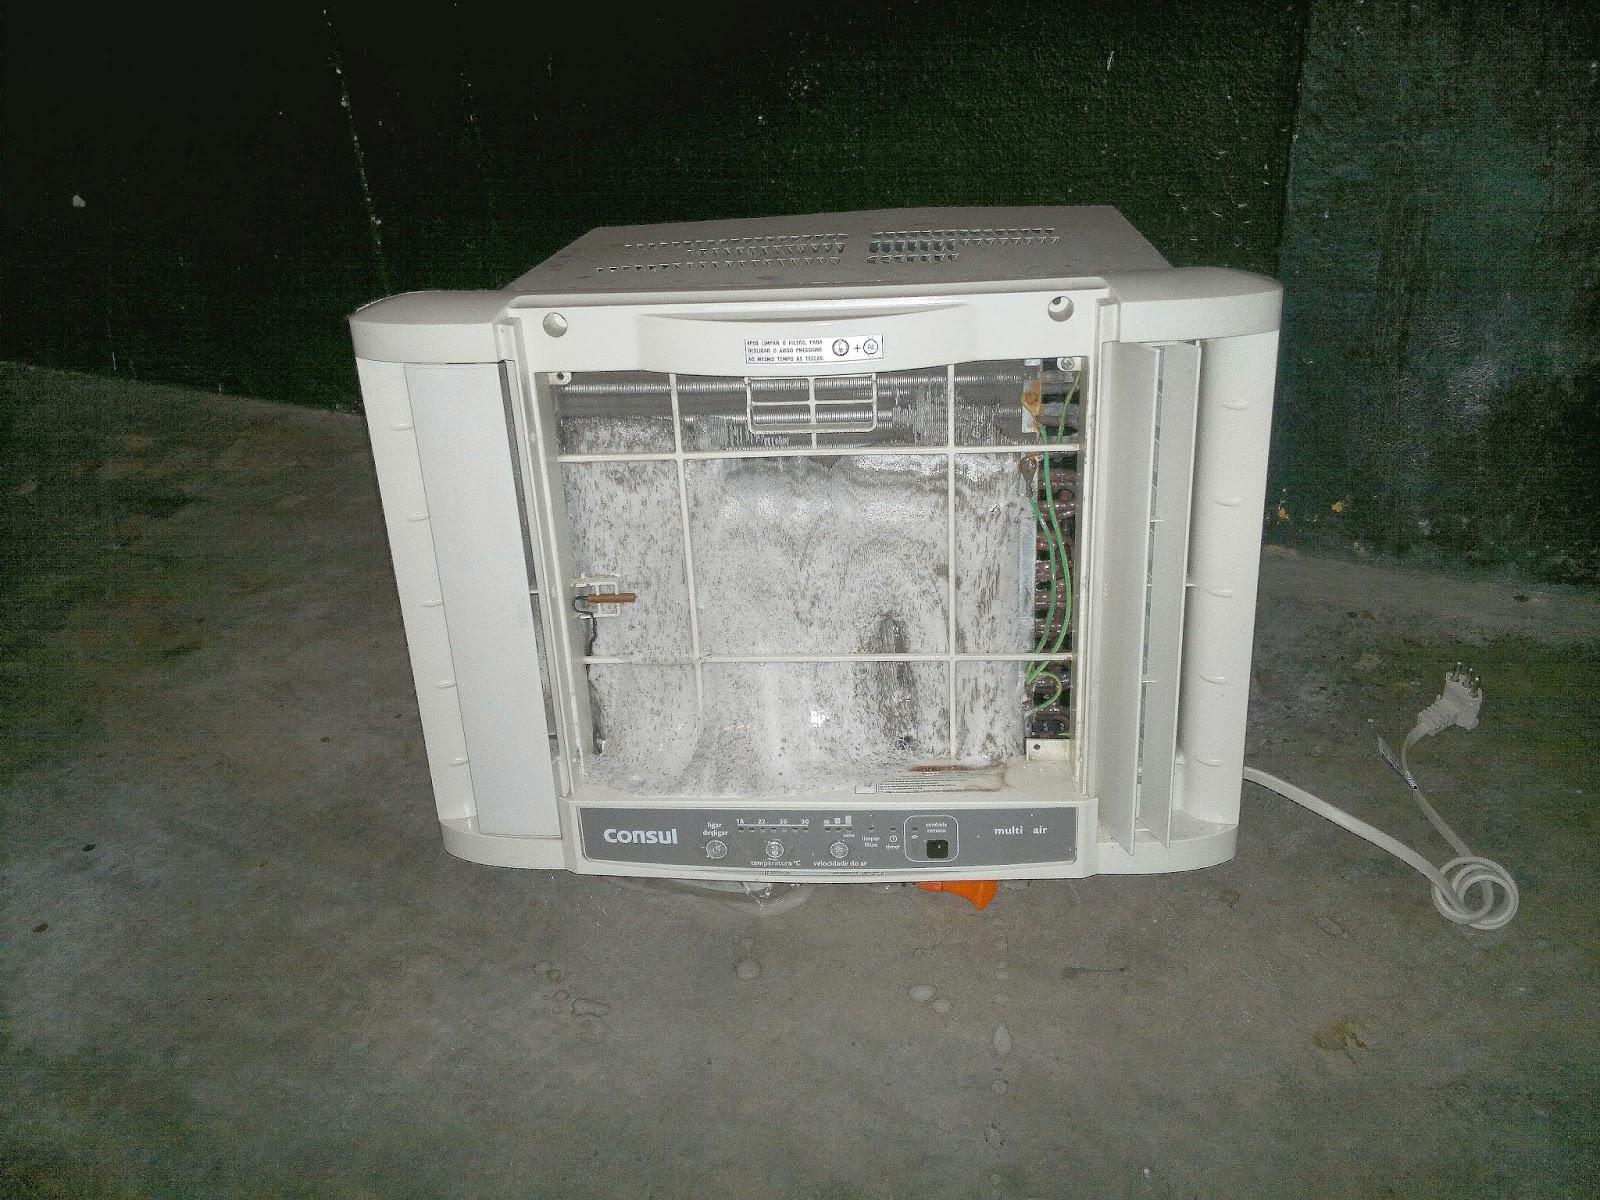 #272F23 Só para demonstrar uma pequena aplicação do detergente sem diluir  1456 Suporte Ar Condicionado Janela Aluminio